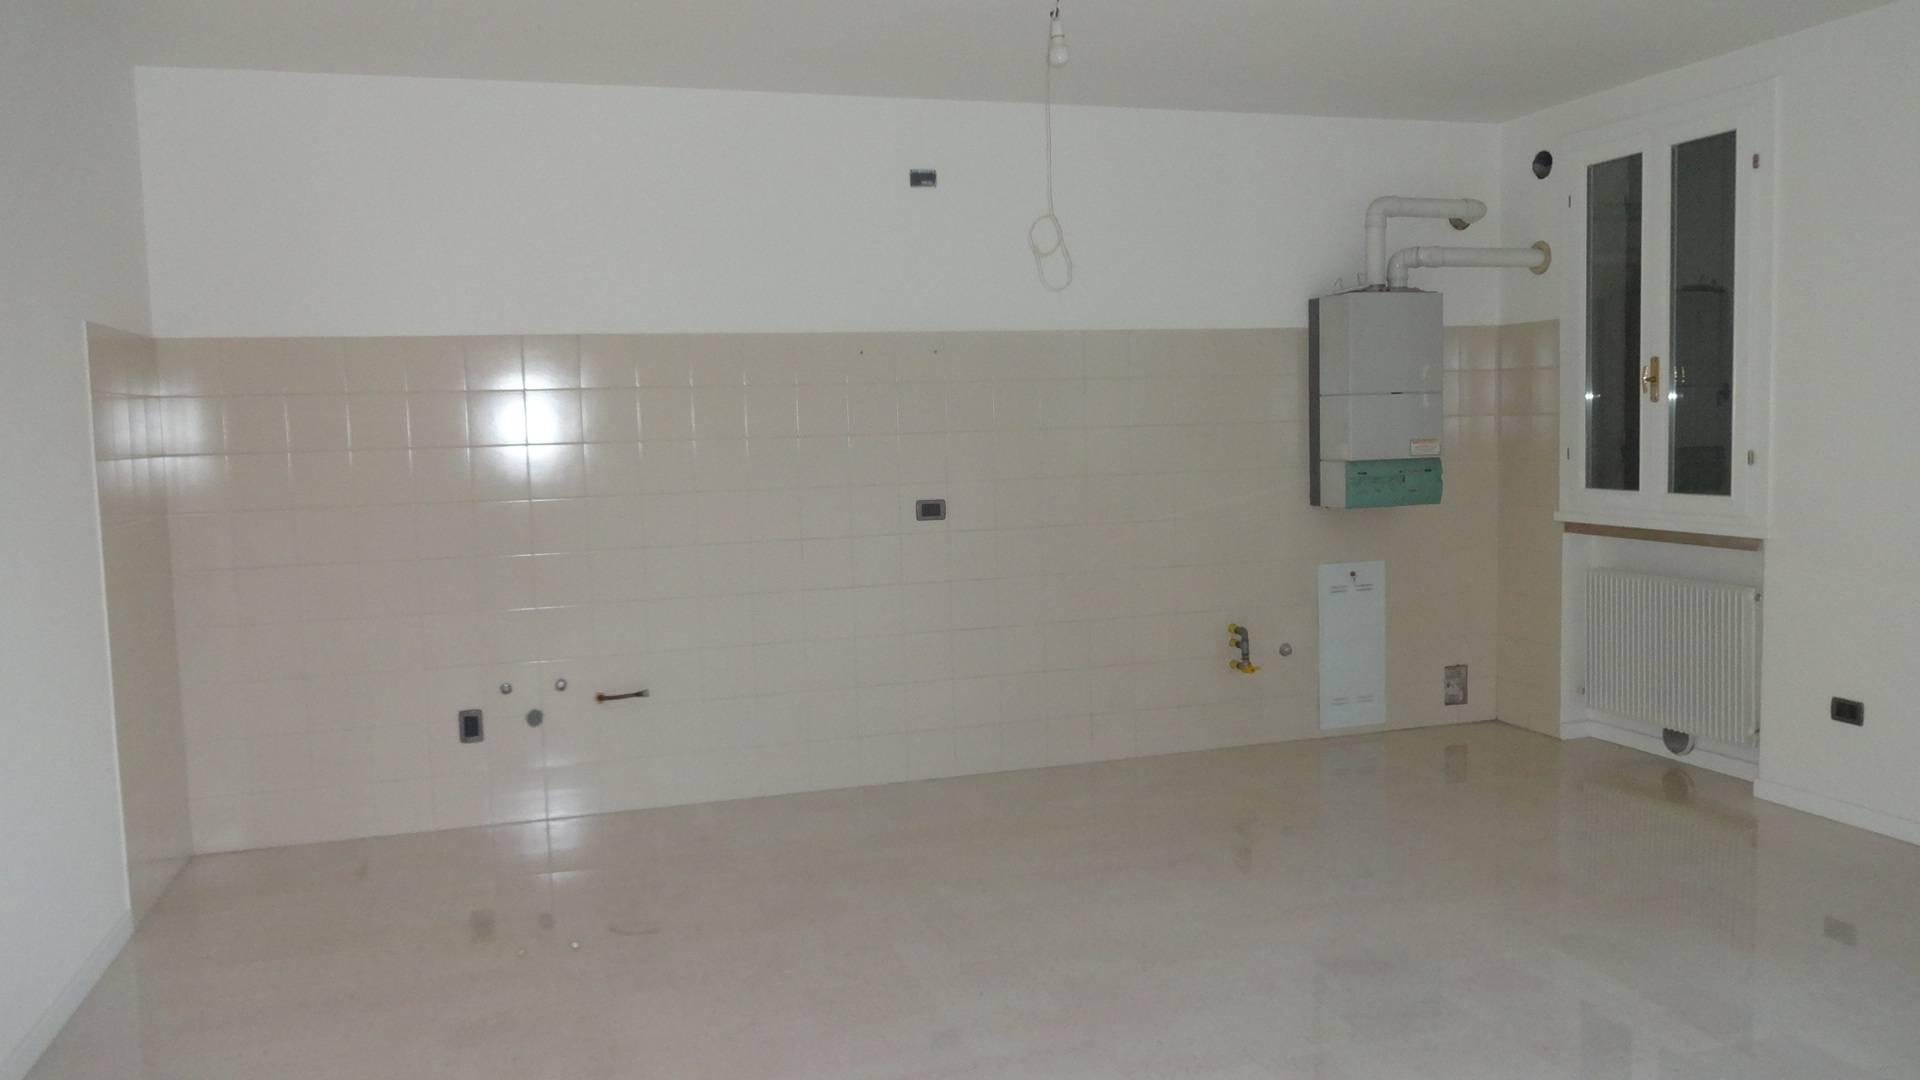 Appartamento in affitto a Montebelluna, 3 locali, zona Località: LaPieve, prezzo € 500 | Cambio Casa.it